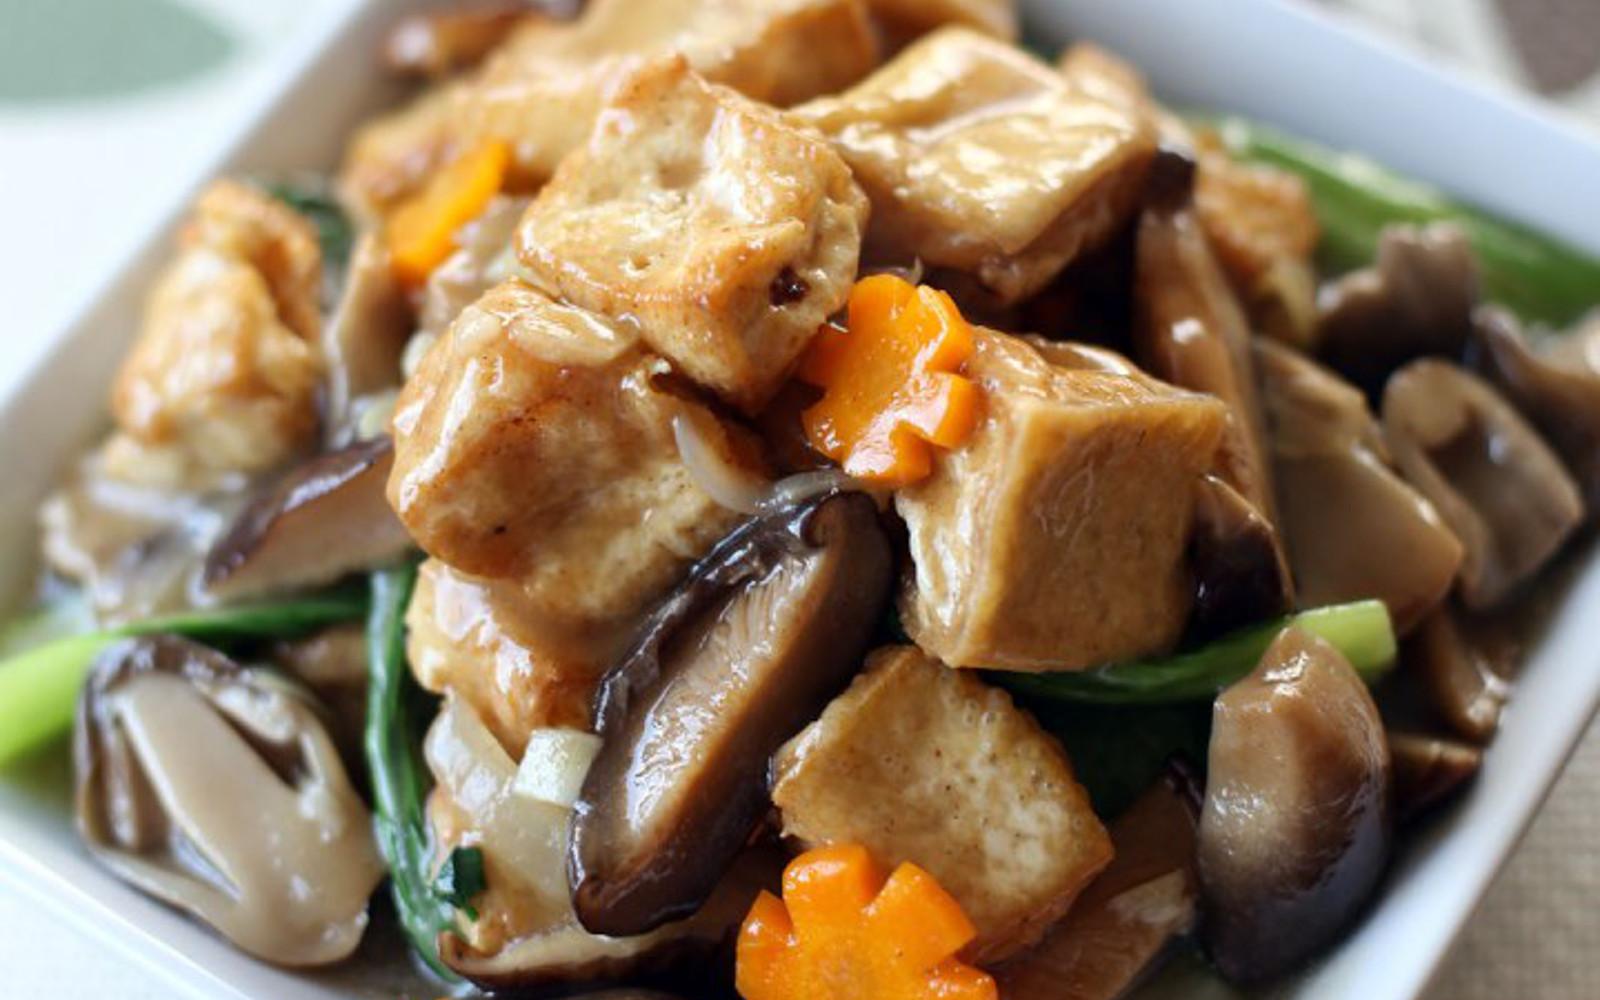 Chinese Braised Tofu and Veggie Stir Fry